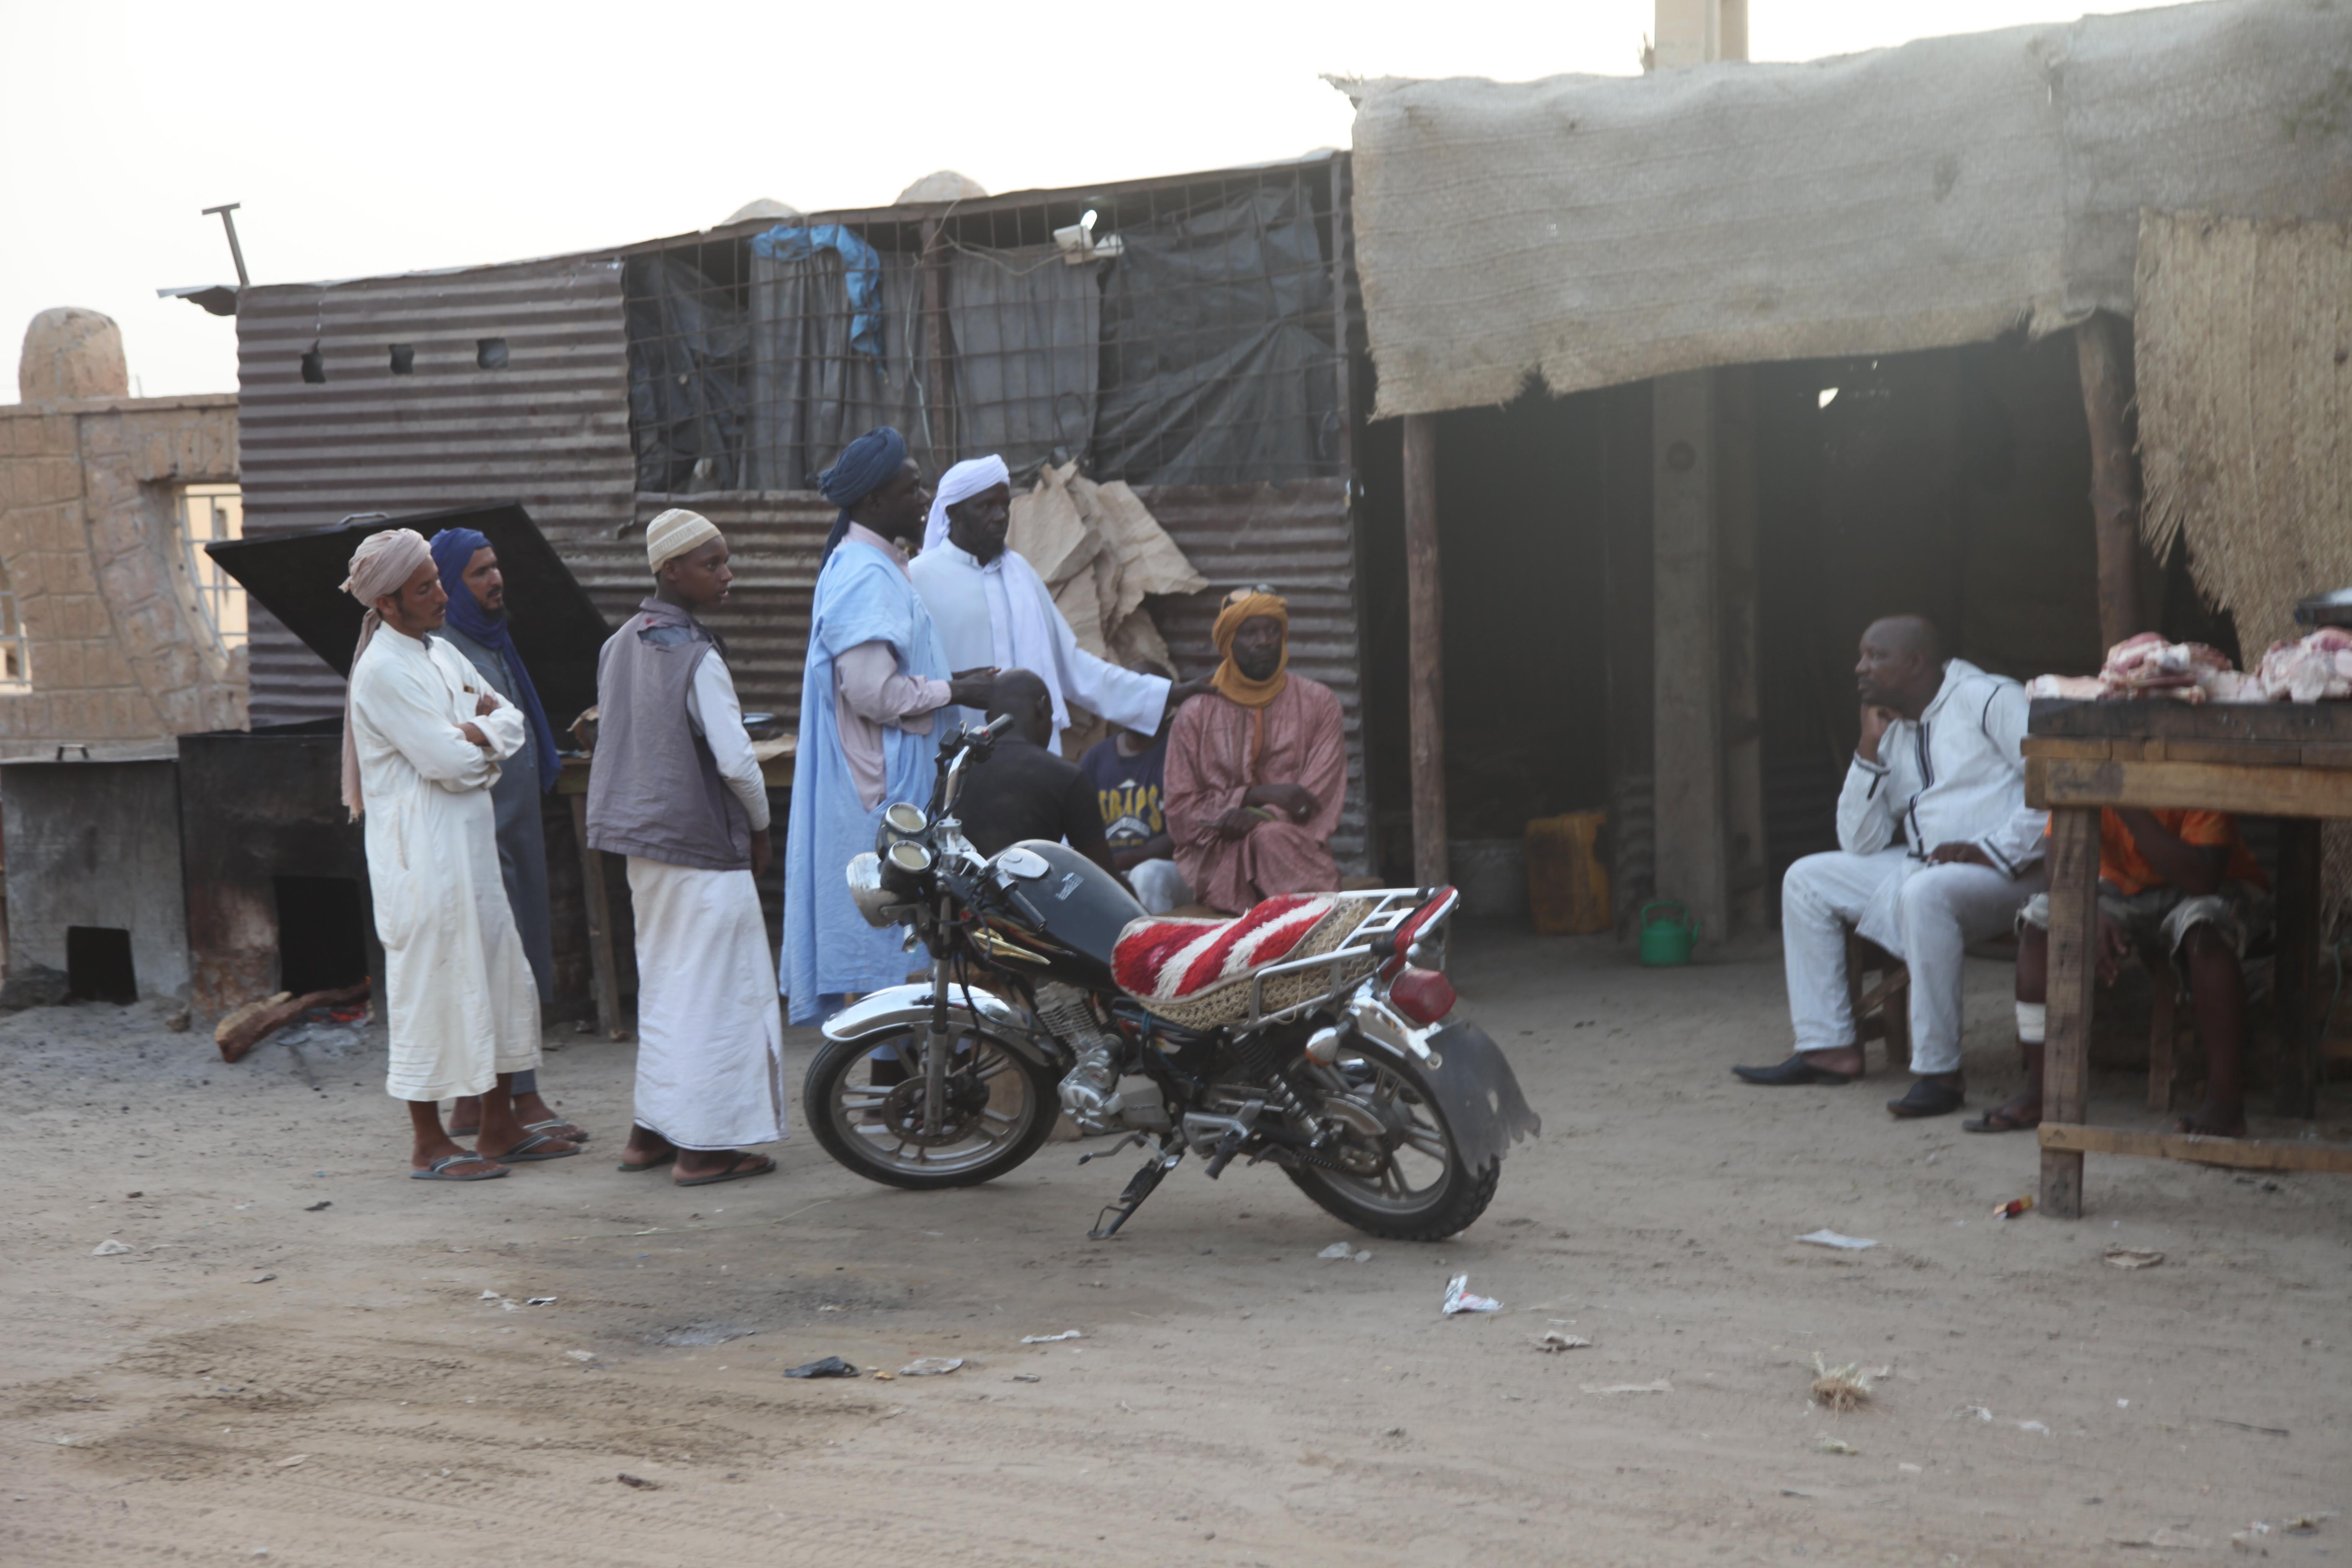 Un groupe de prédicateurs Dawa dans une rue de Tombouctou, août 2019.